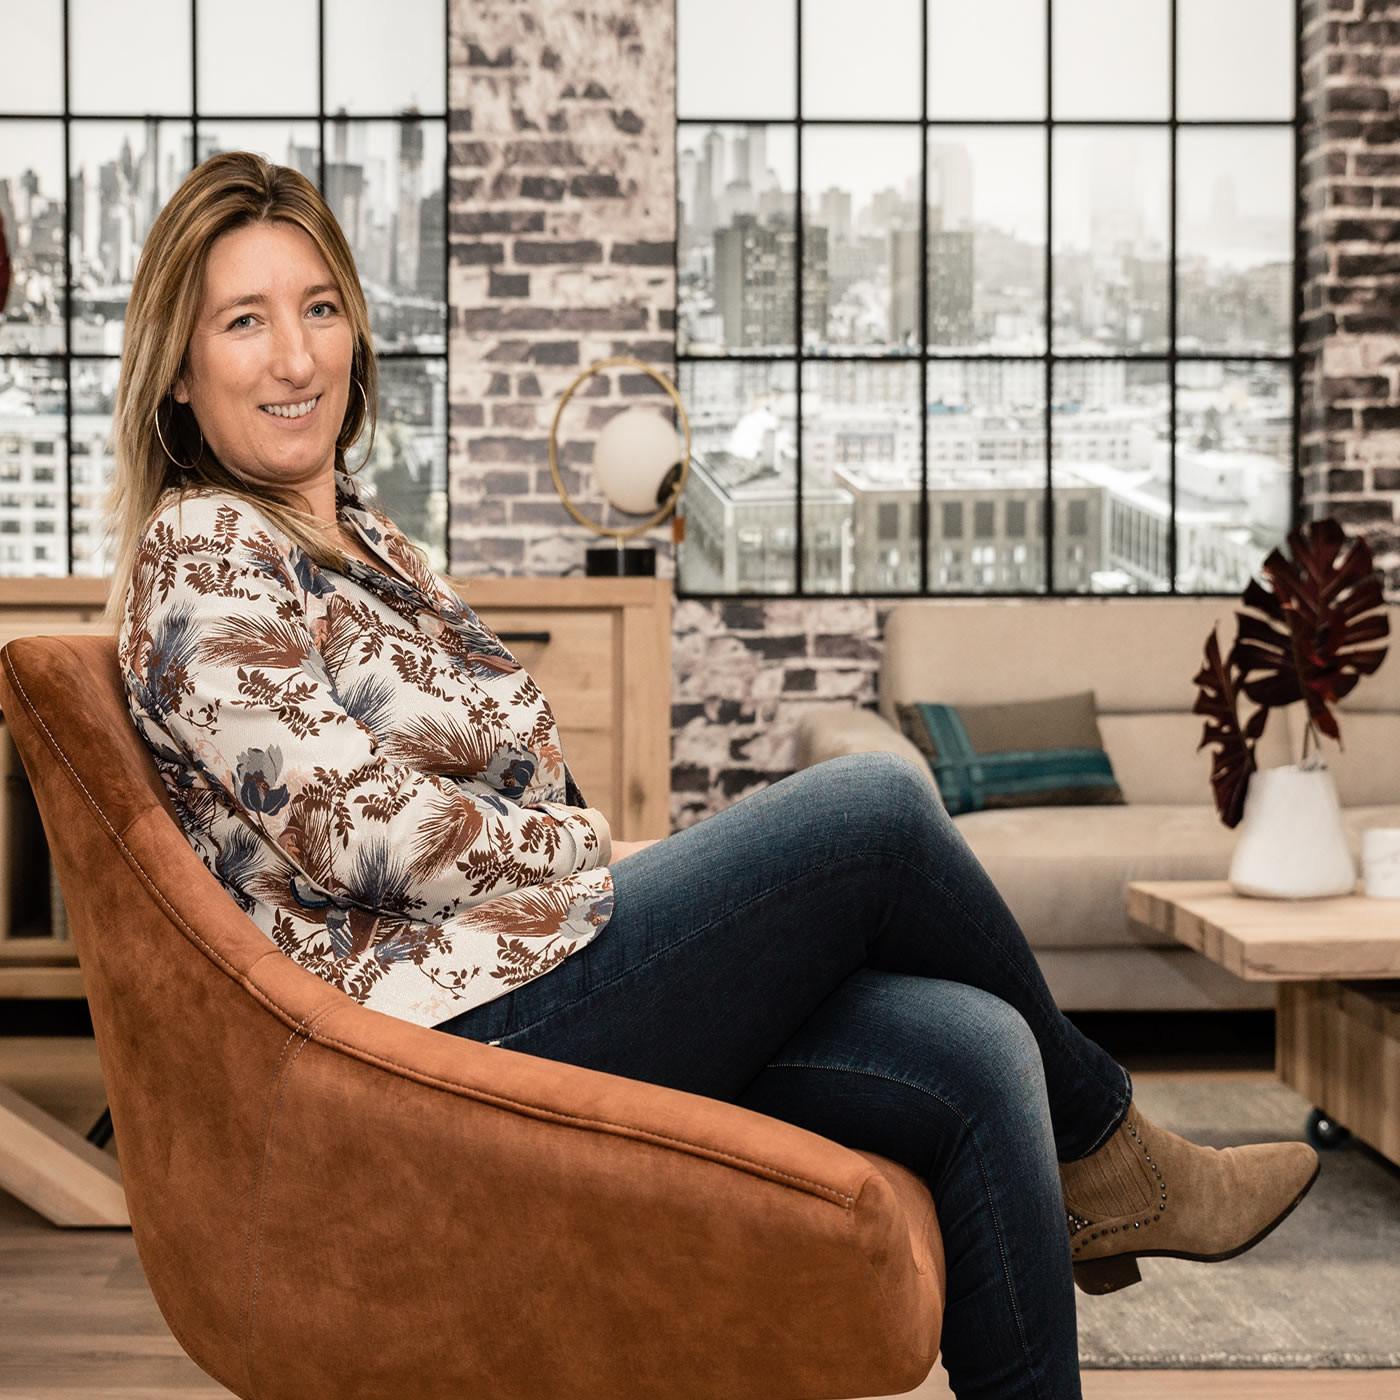 #30 - Marjorie dirigeante d'une agence événementielle et de tourisme